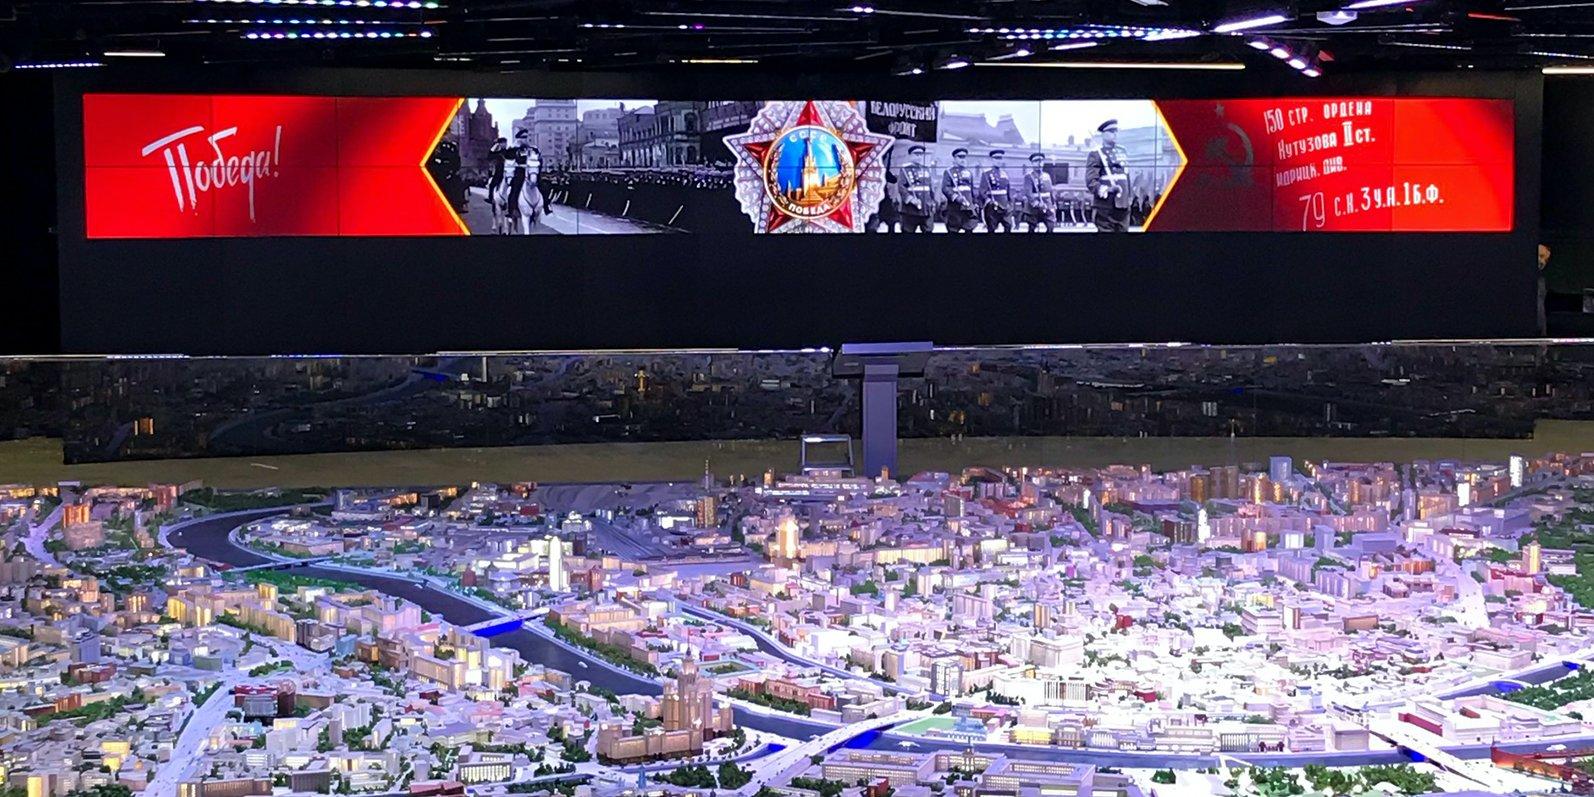 Культурную программу ко Дню Победы подготовили дворцы и центры творчества Москвы